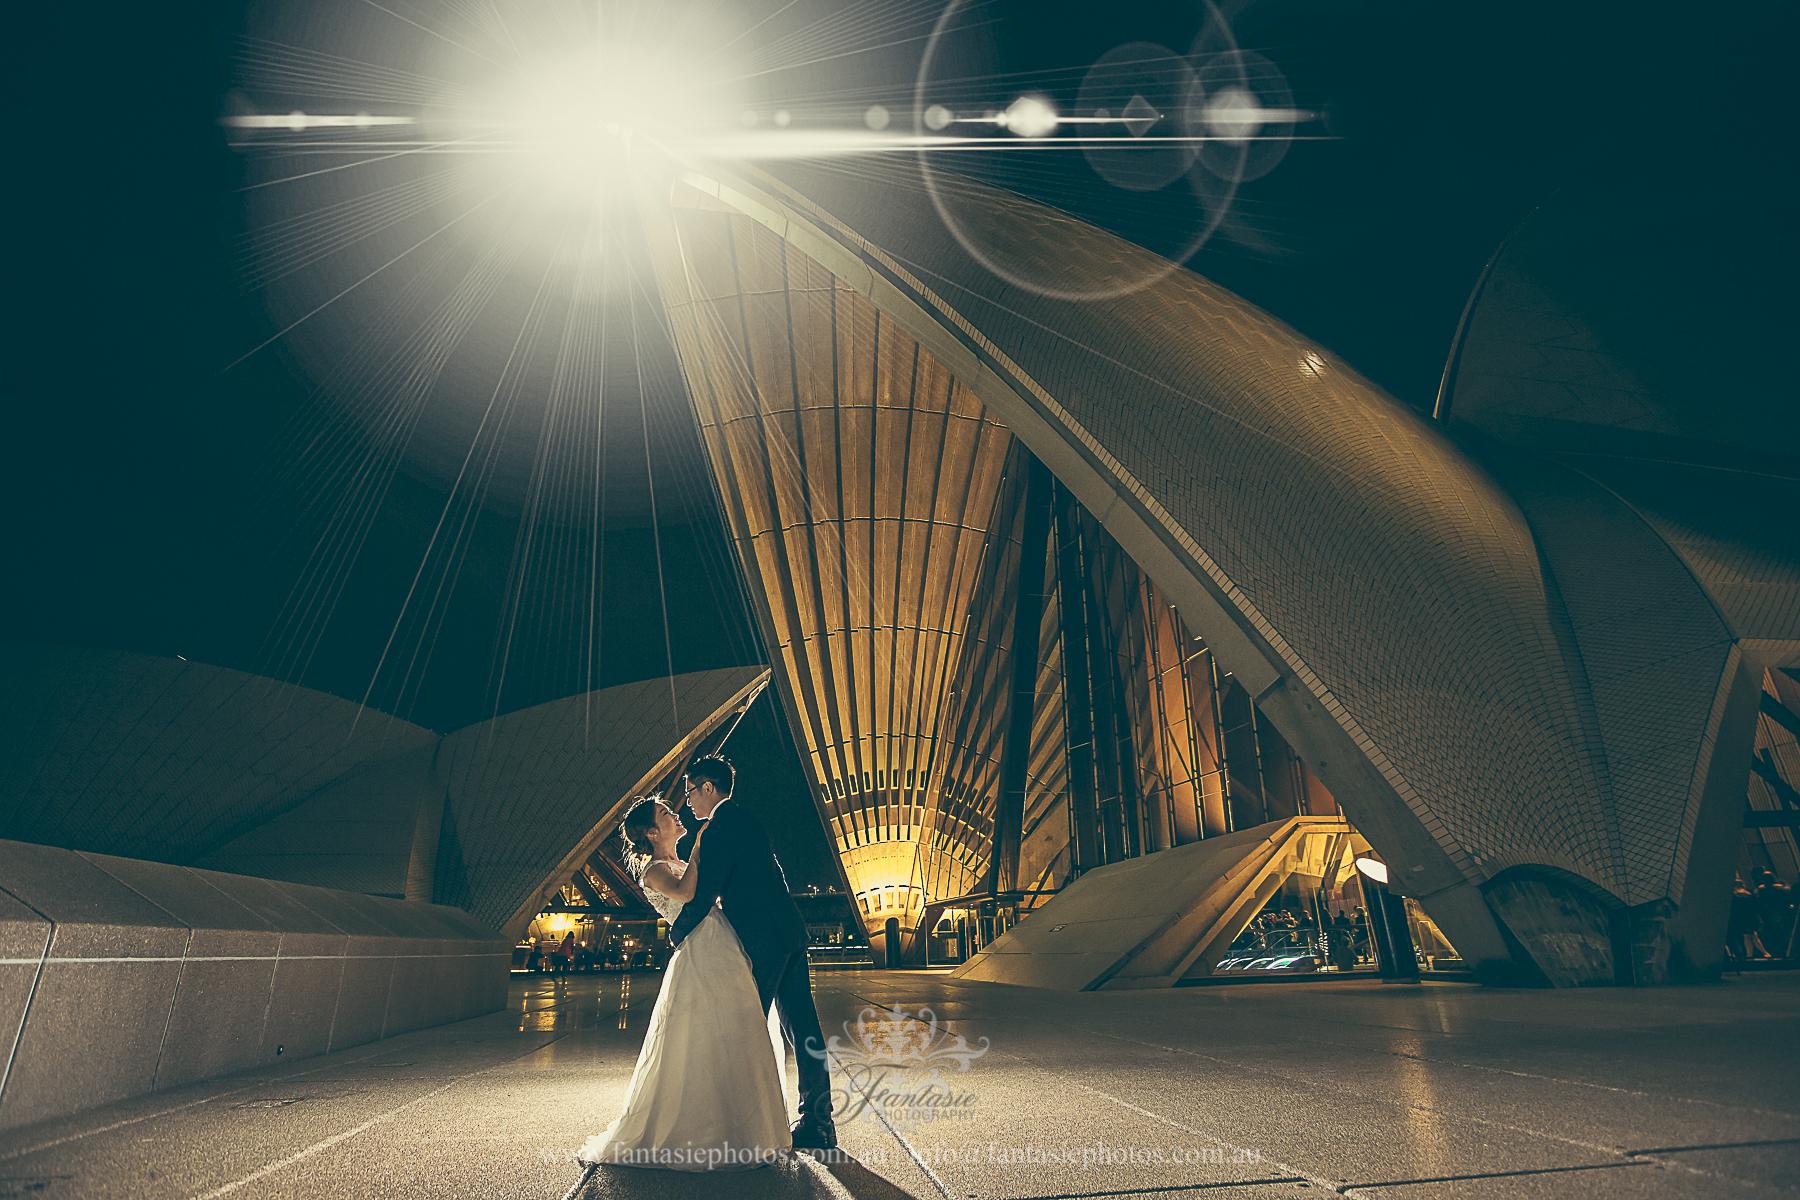 Wedding Photography Opera House Sydney | Fantasie Photography